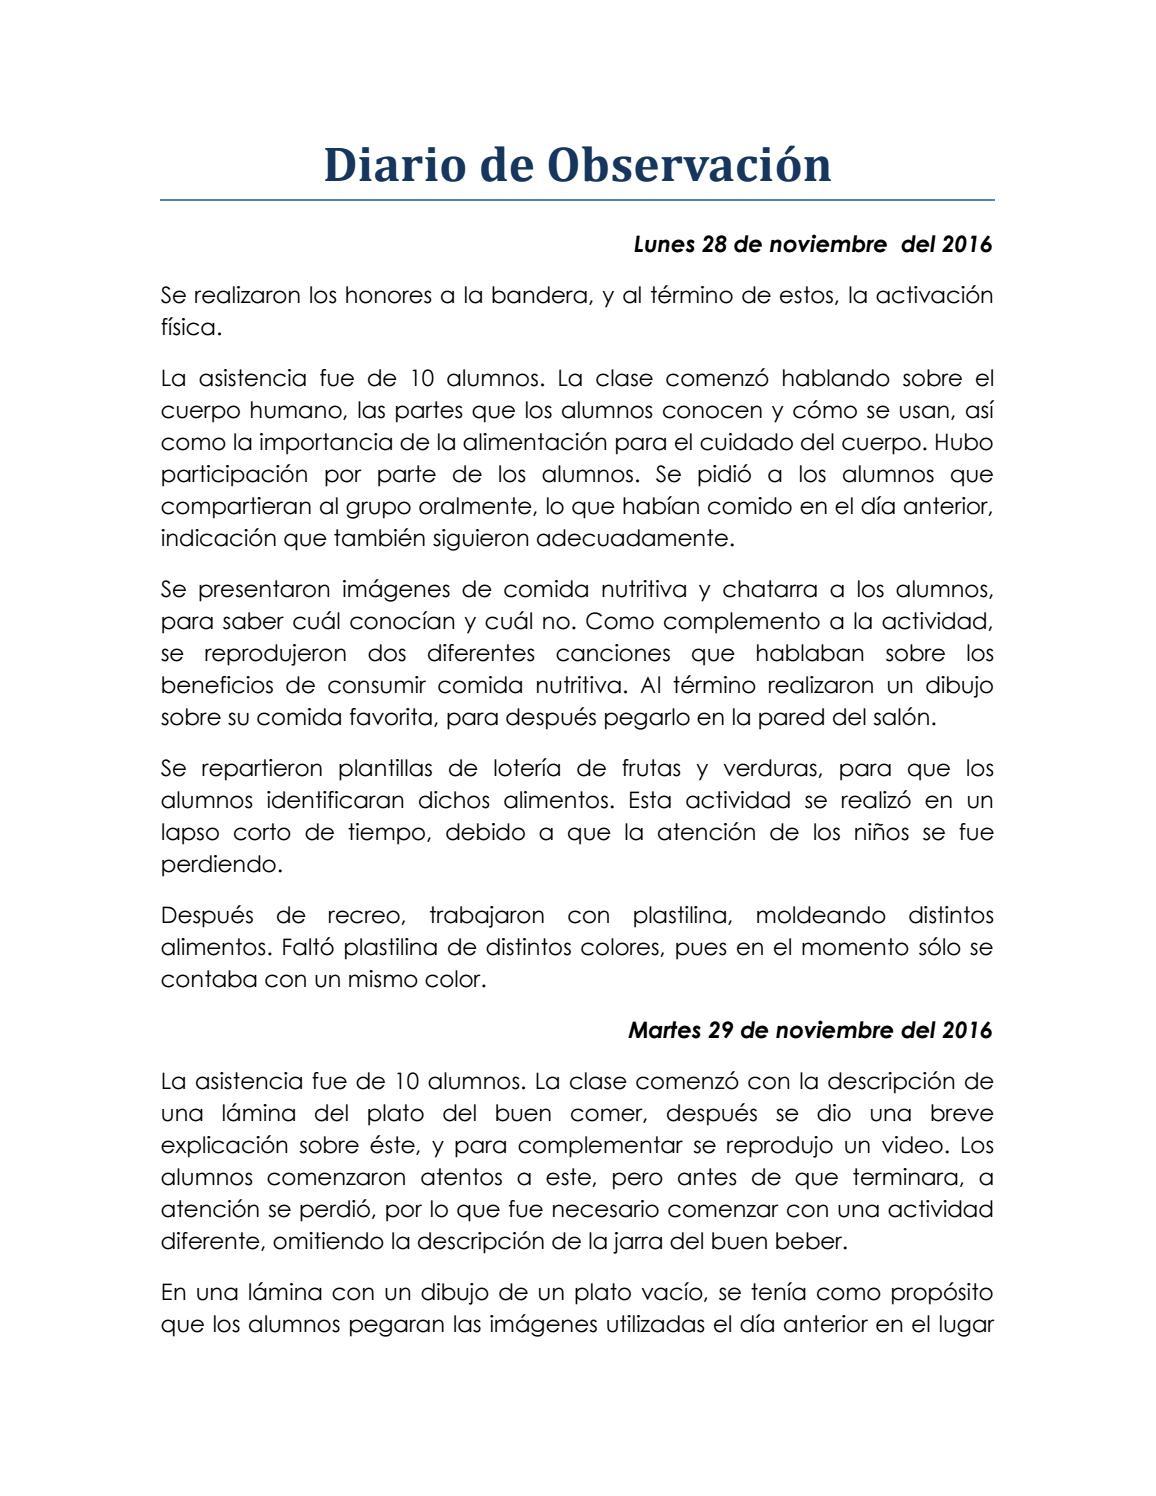 Diario De Observación By Consuelo Isabel Gama Issuu